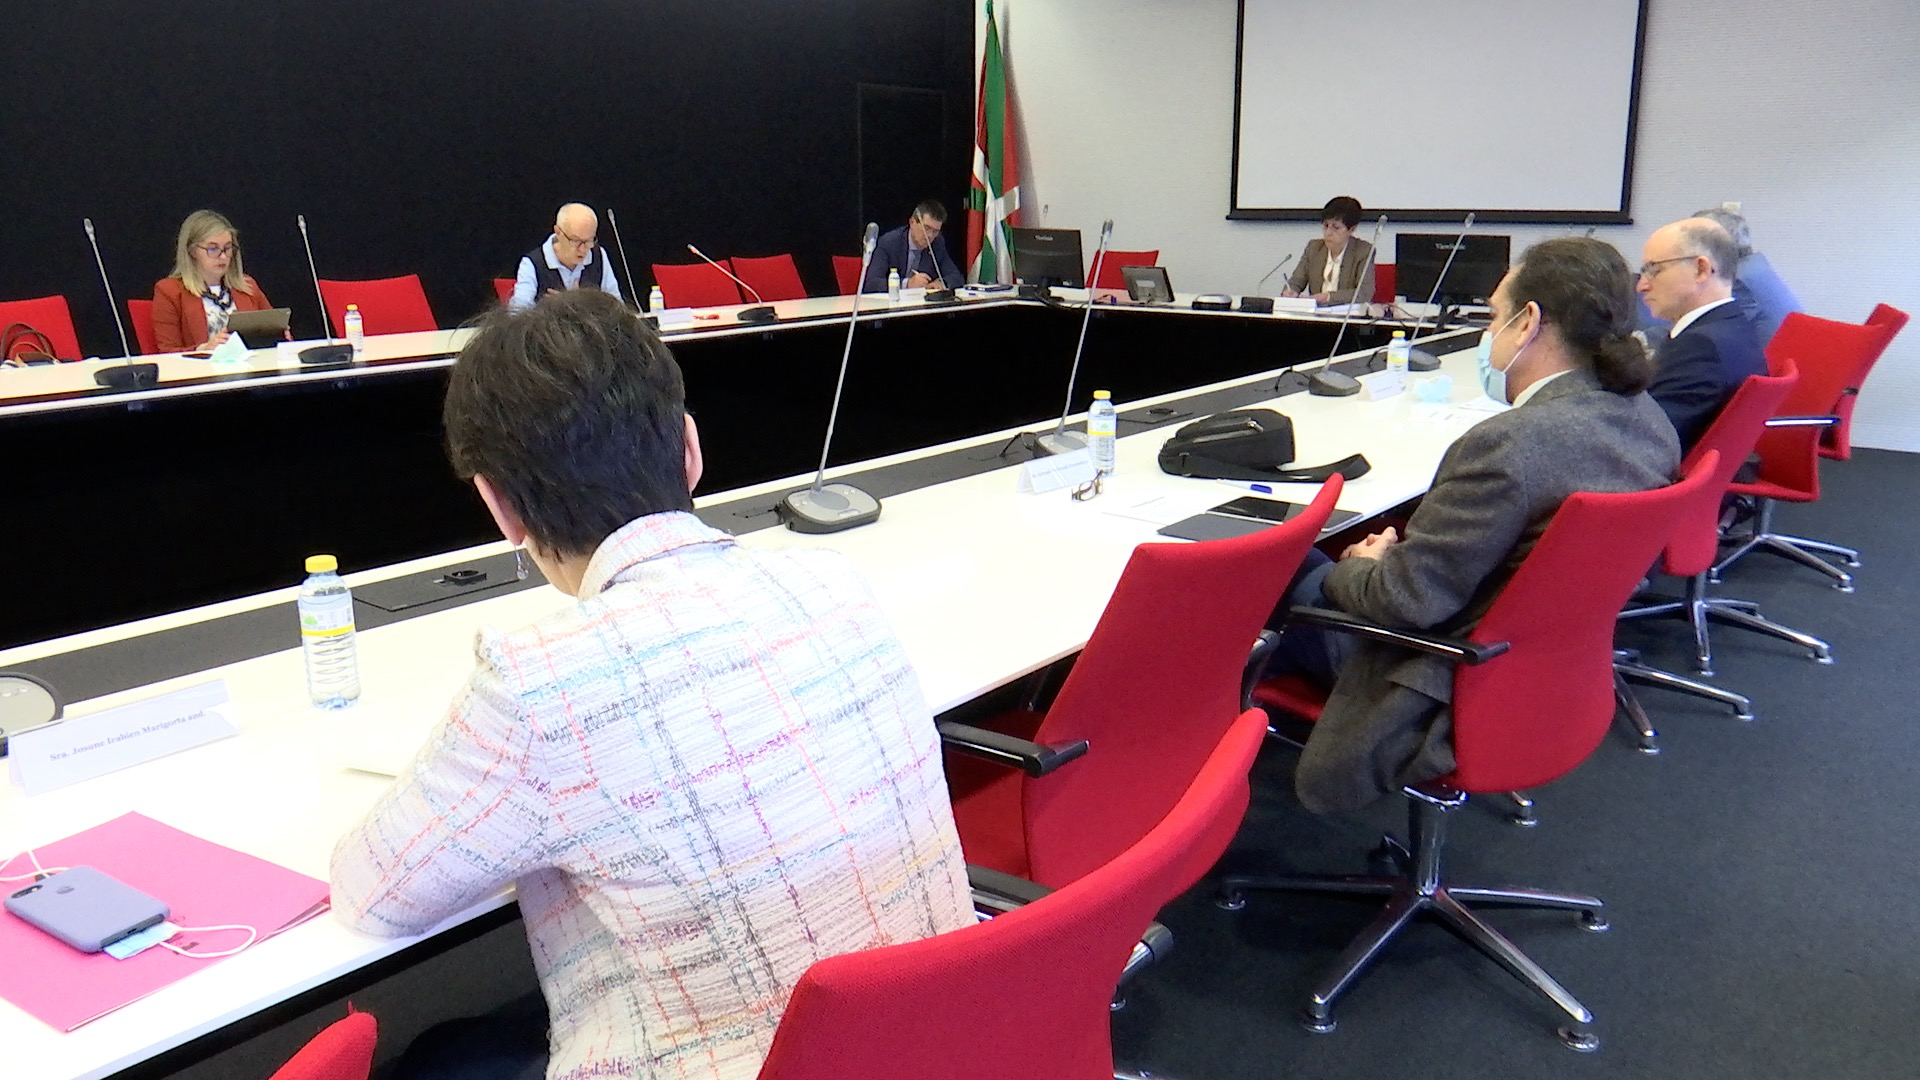 Euskadiko Babes Zibileko Plana, LABI, aktibo egongo da 3. faseak eta osasun-alarmaren egoerak irauten duten bitartean [1:03]